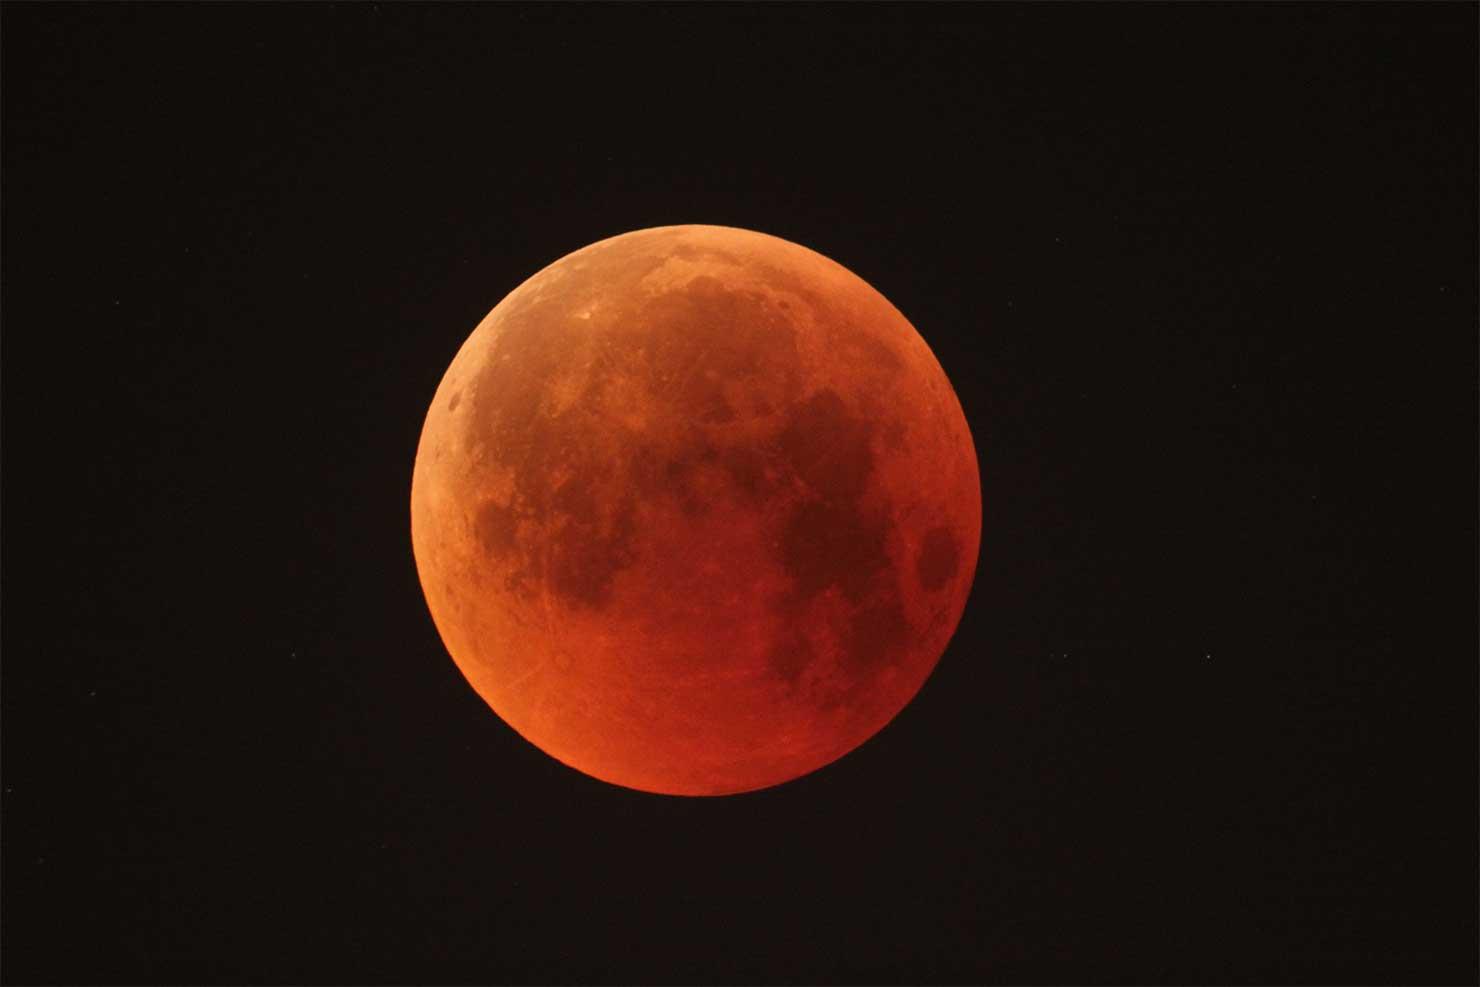 Ikväll blir månen röd på grund av månförmörkelse